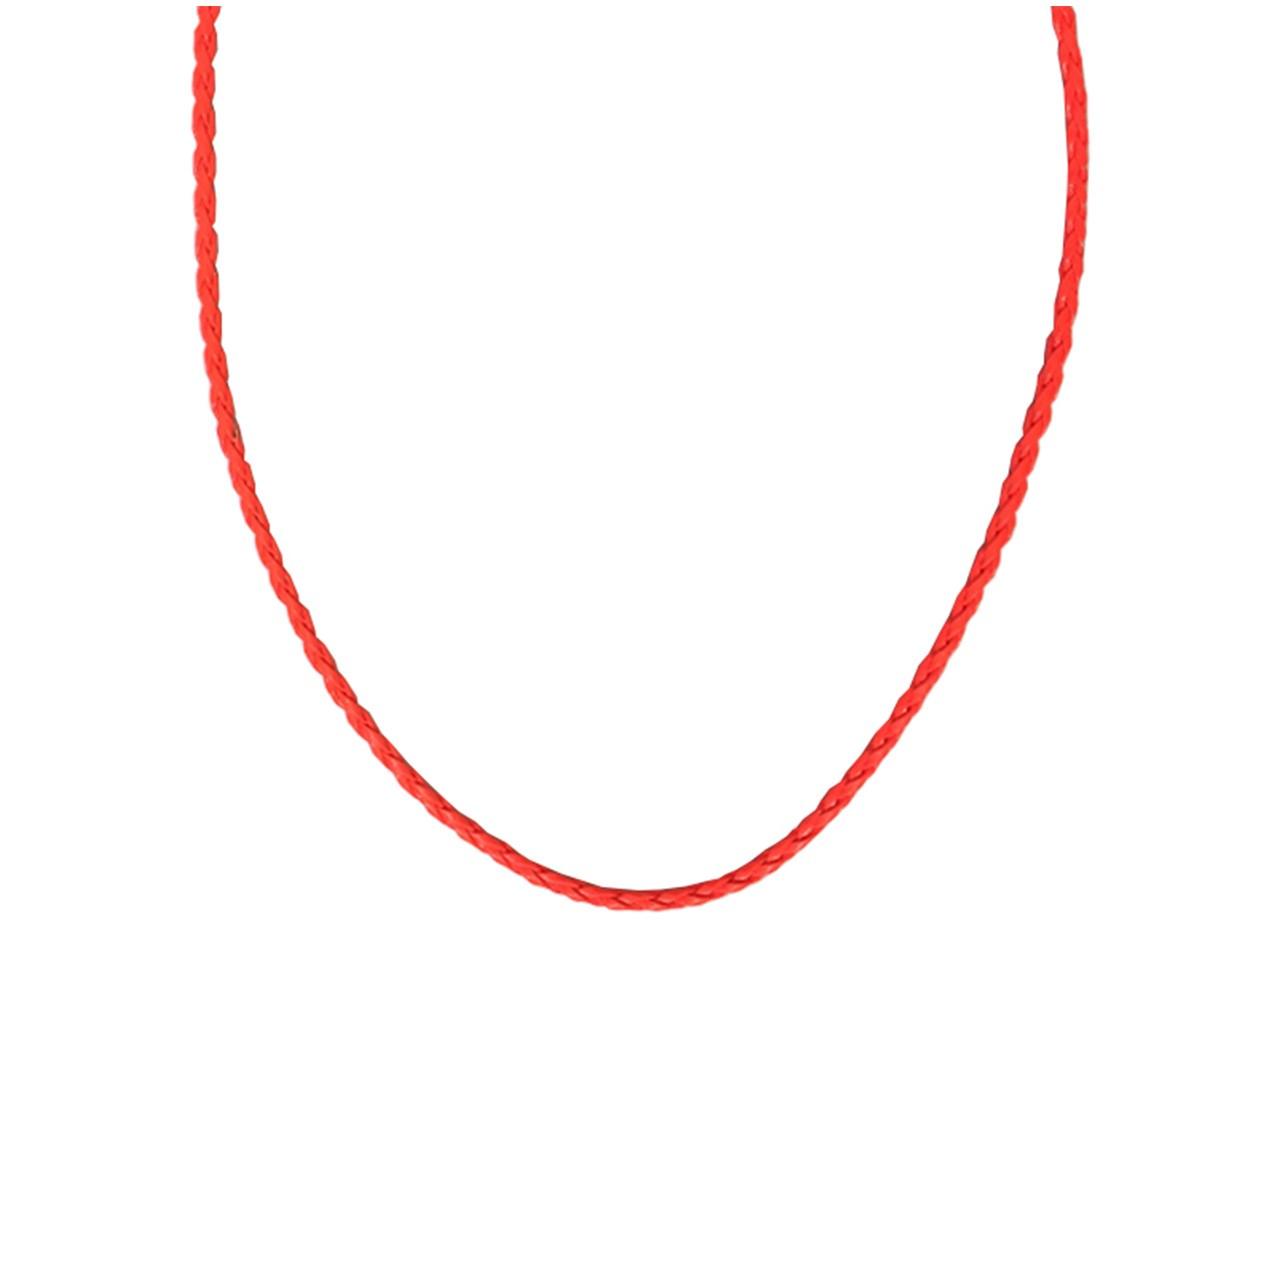 گردنبند سورتک مدل بلک لایت STBL132